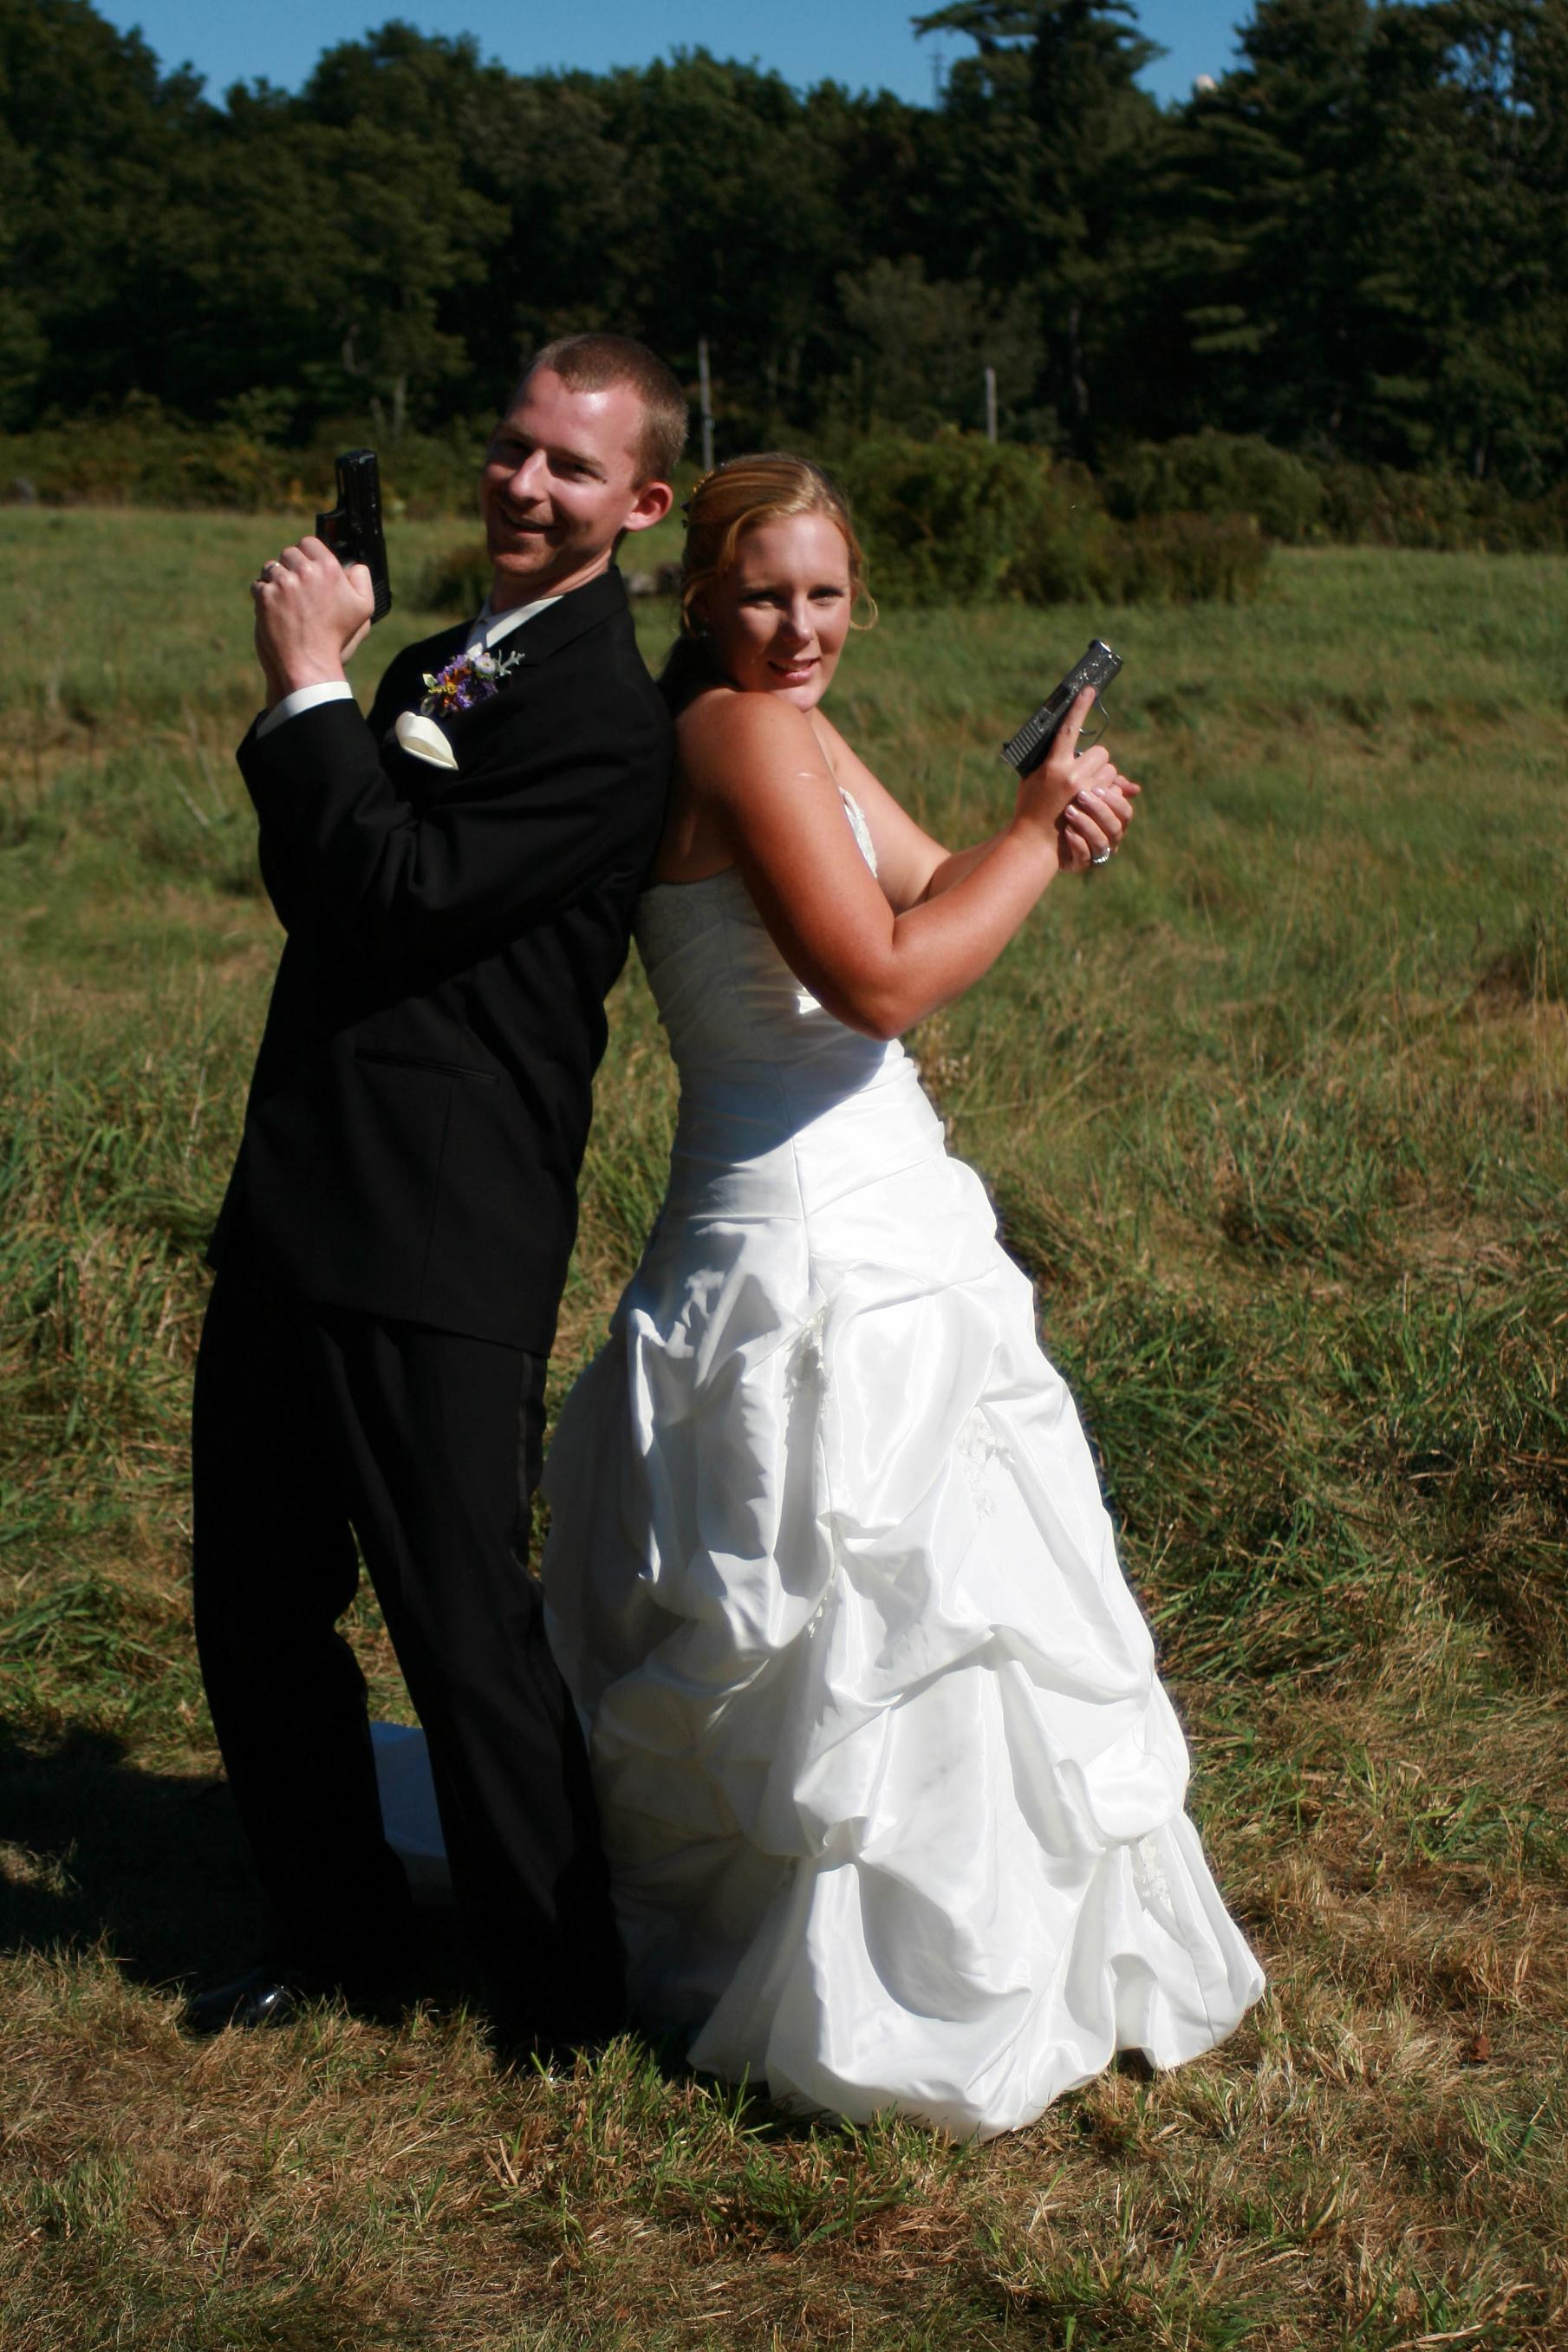 Fun Wedding/Gun Pictures!-zzzzzzzzzzzzzzbond0017.jpg